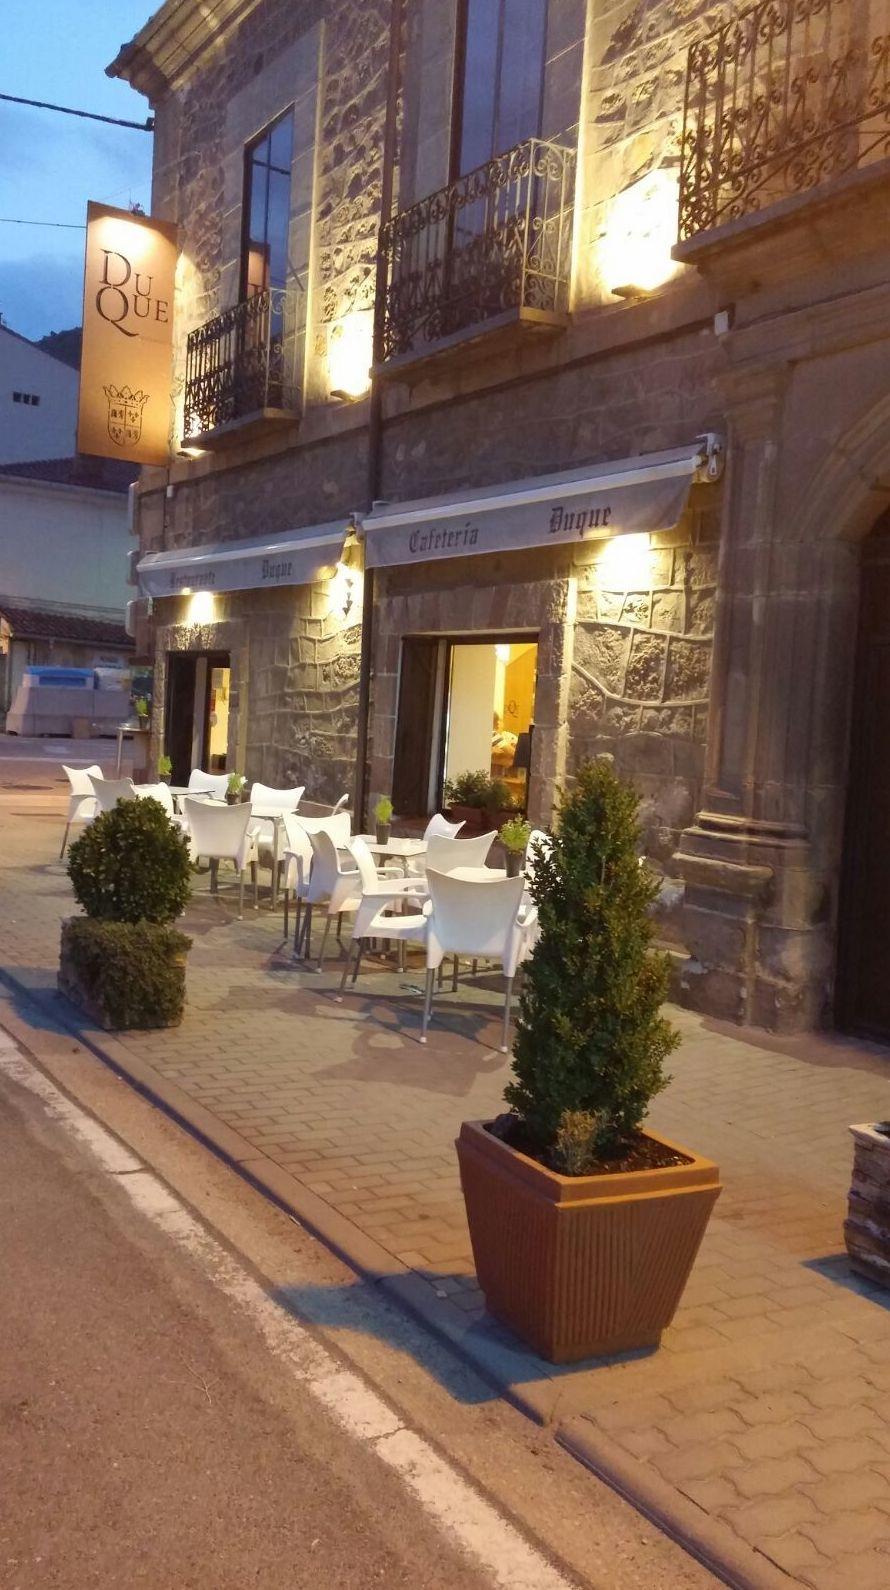 Foto 1 de Cocina creativa en Estación de Medinaceli | Restaurante Duque